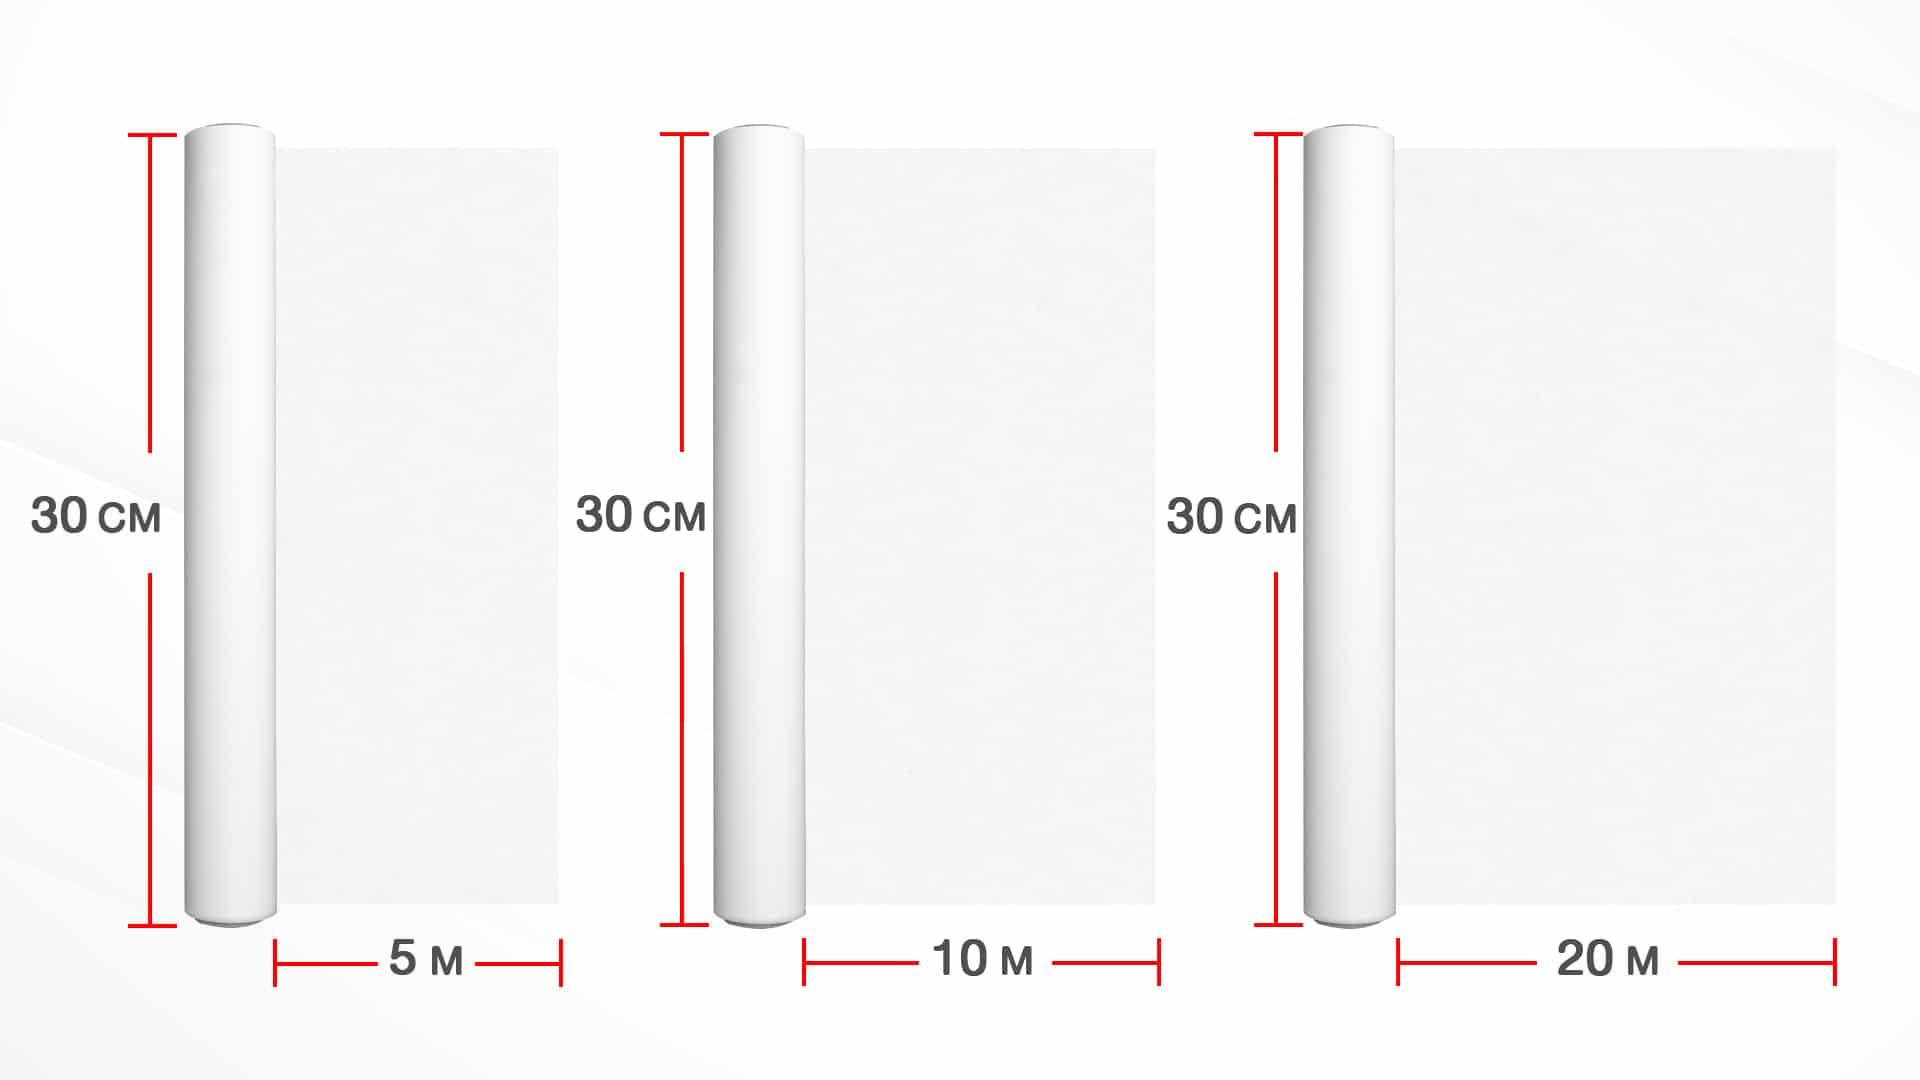 กระดาษ-อบขนม--ขนาดV2